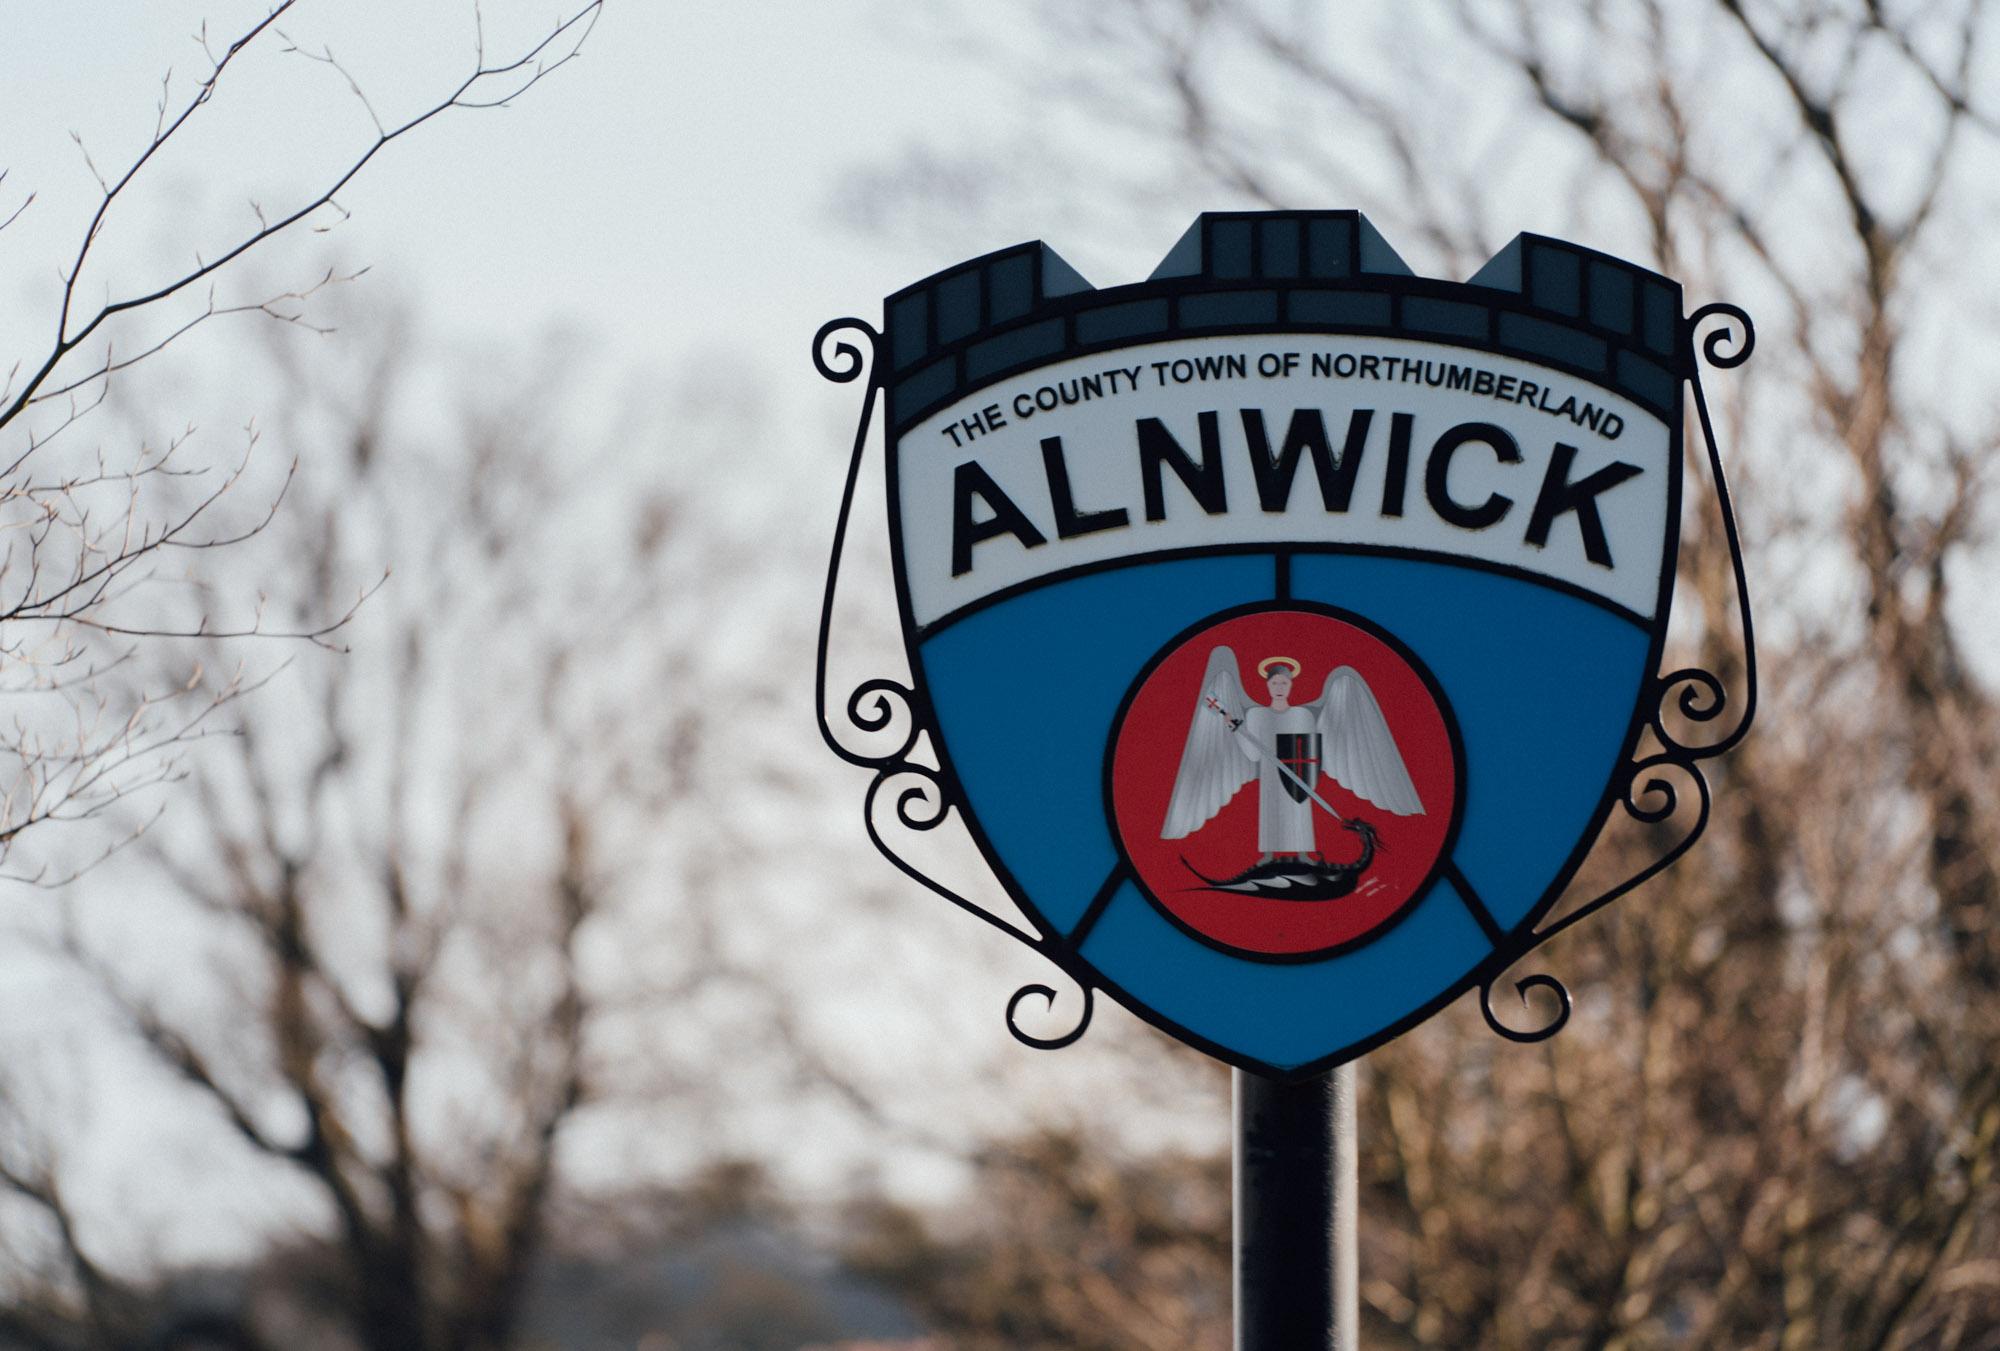 frankie_england_alnwick_york-2